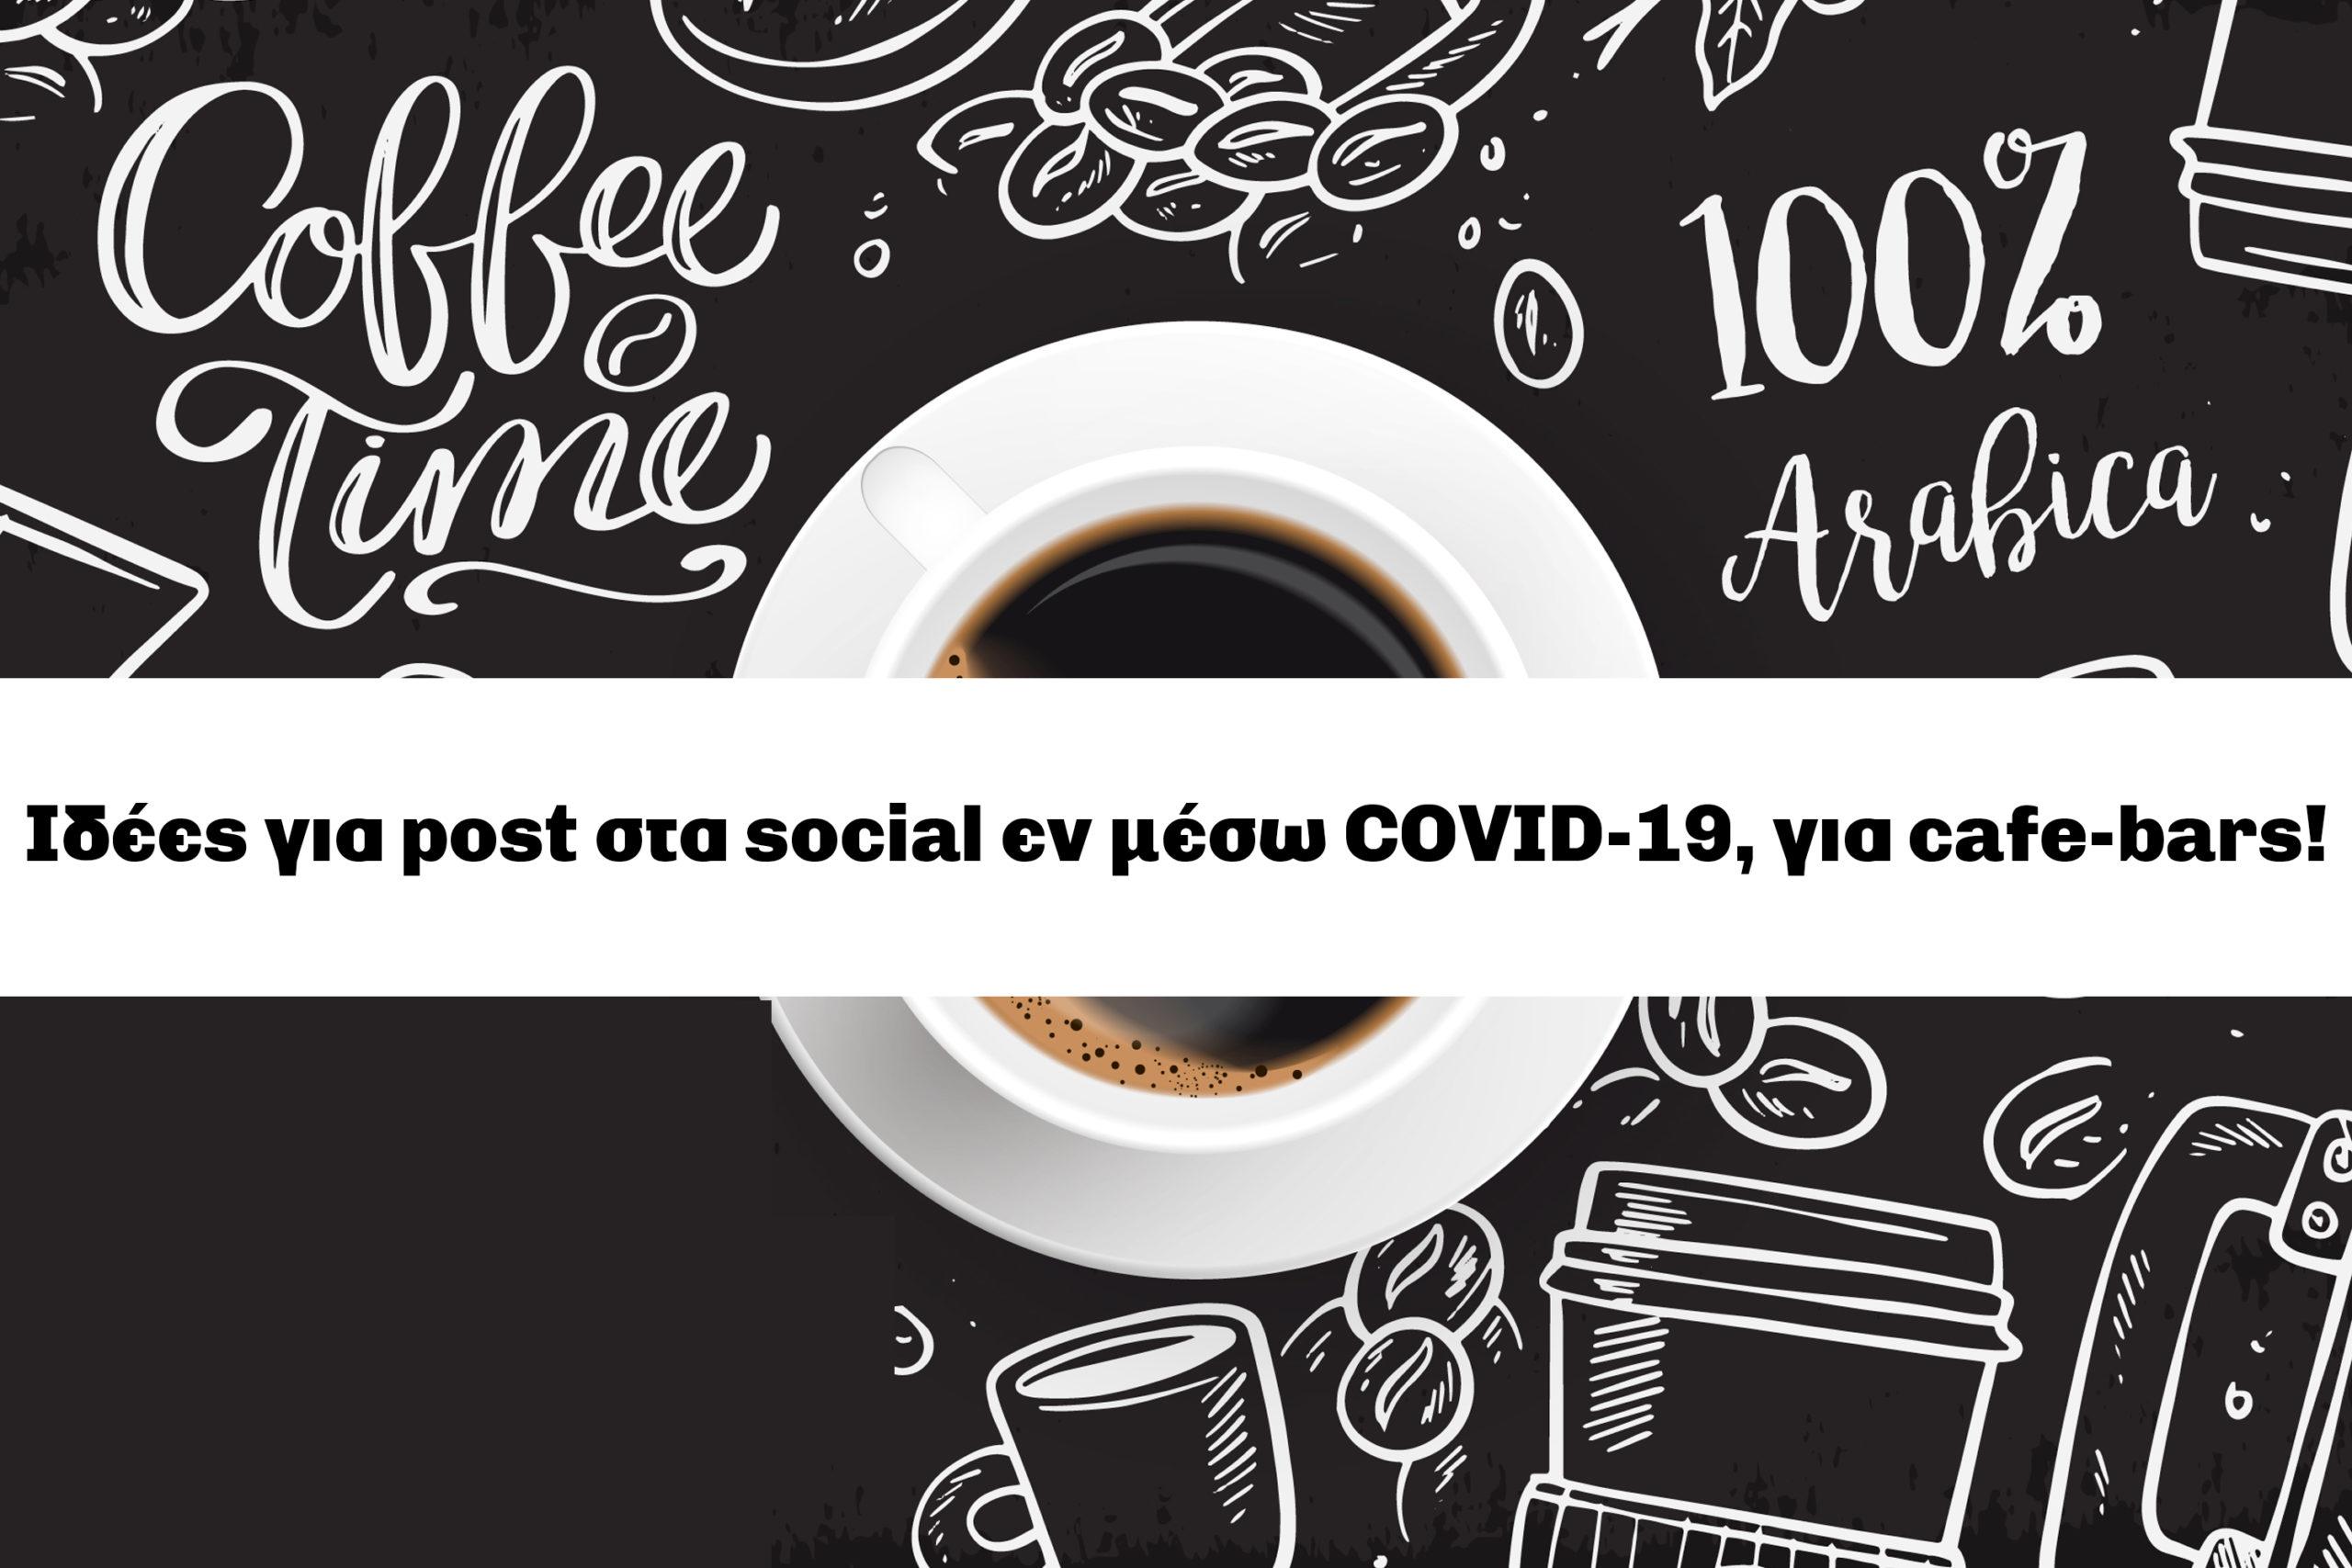 Ιδέες για post στα social media του cafe ή του bar σας!